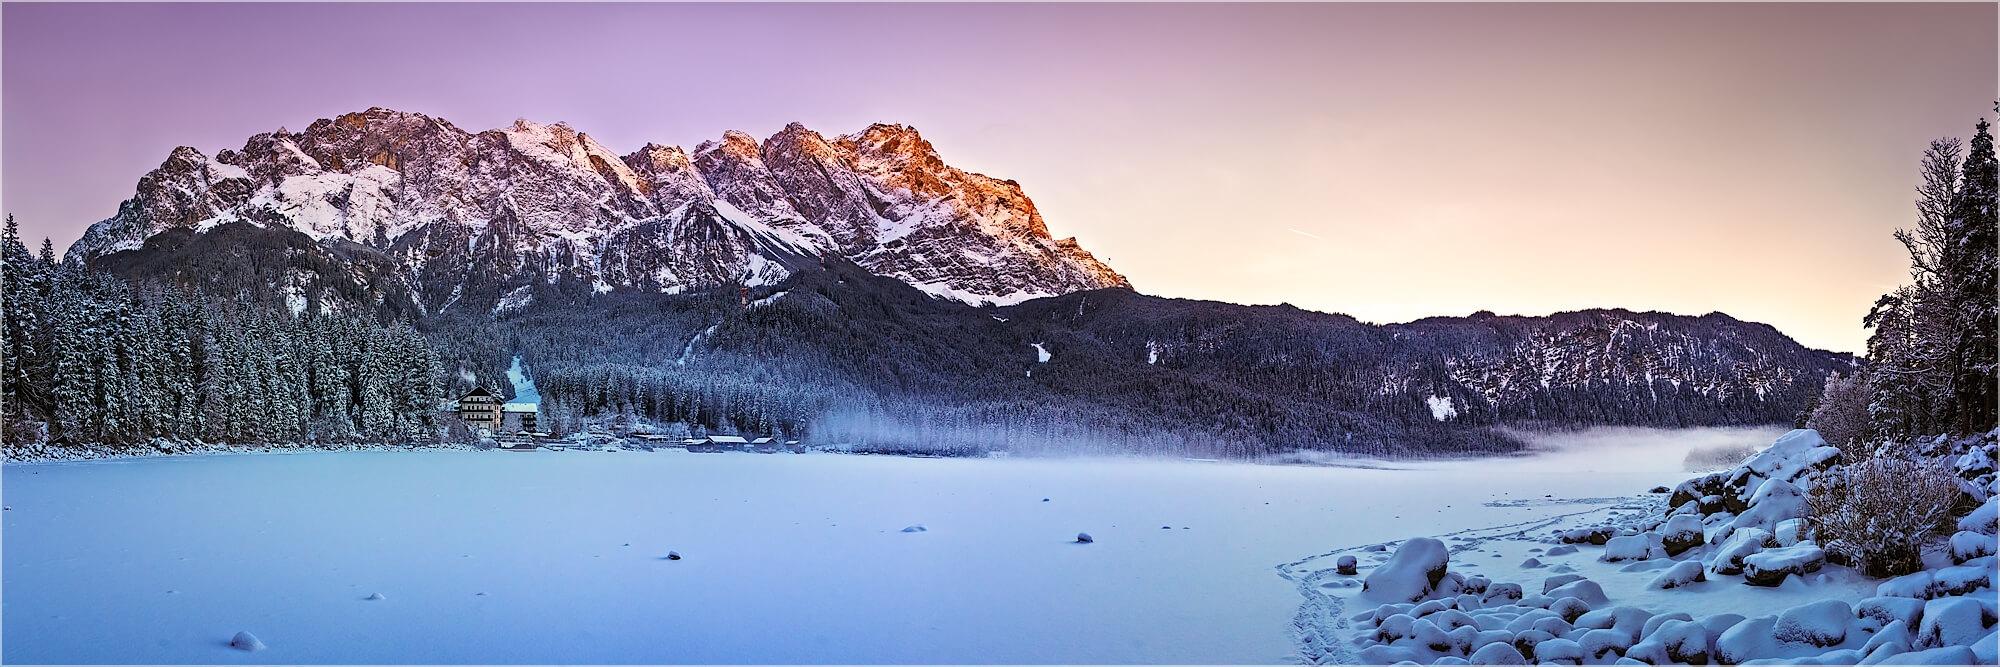 Panoramabild winterliches Zugspitz Masiv mit Eibsee